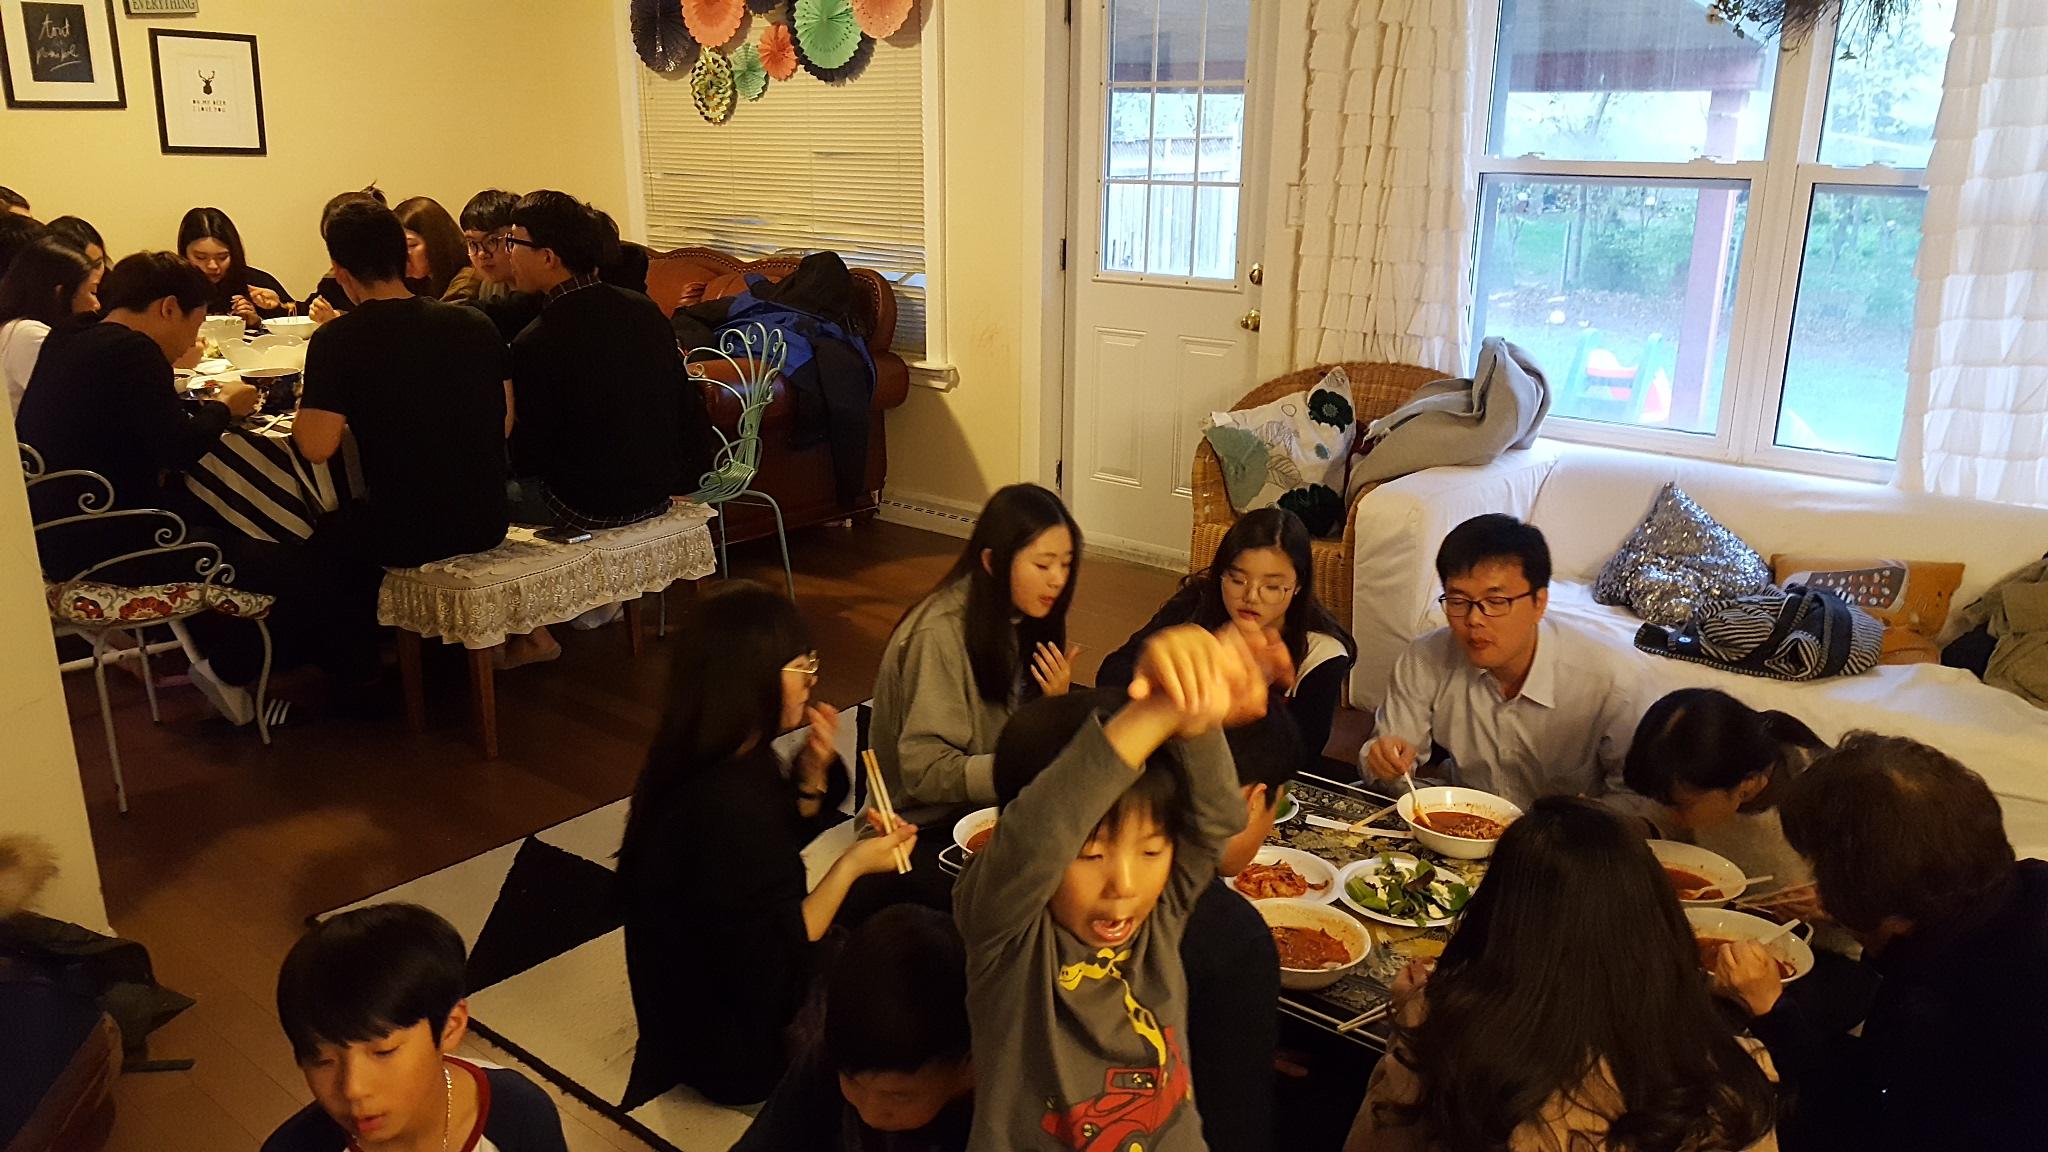 2017년 5월 새가족 환영 디너 1